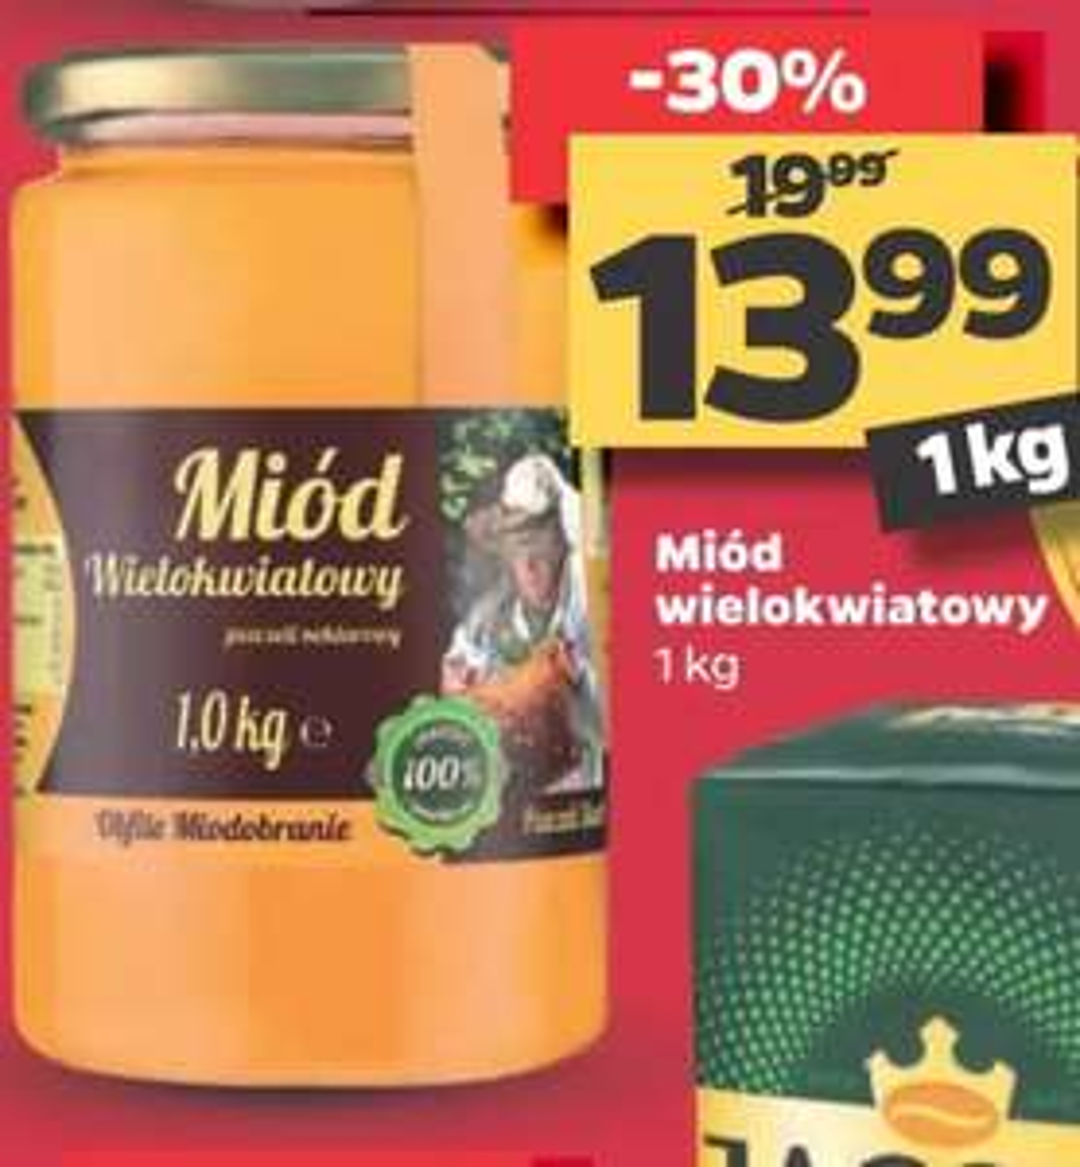 Miód wielokwiatowy 1kg w Netto